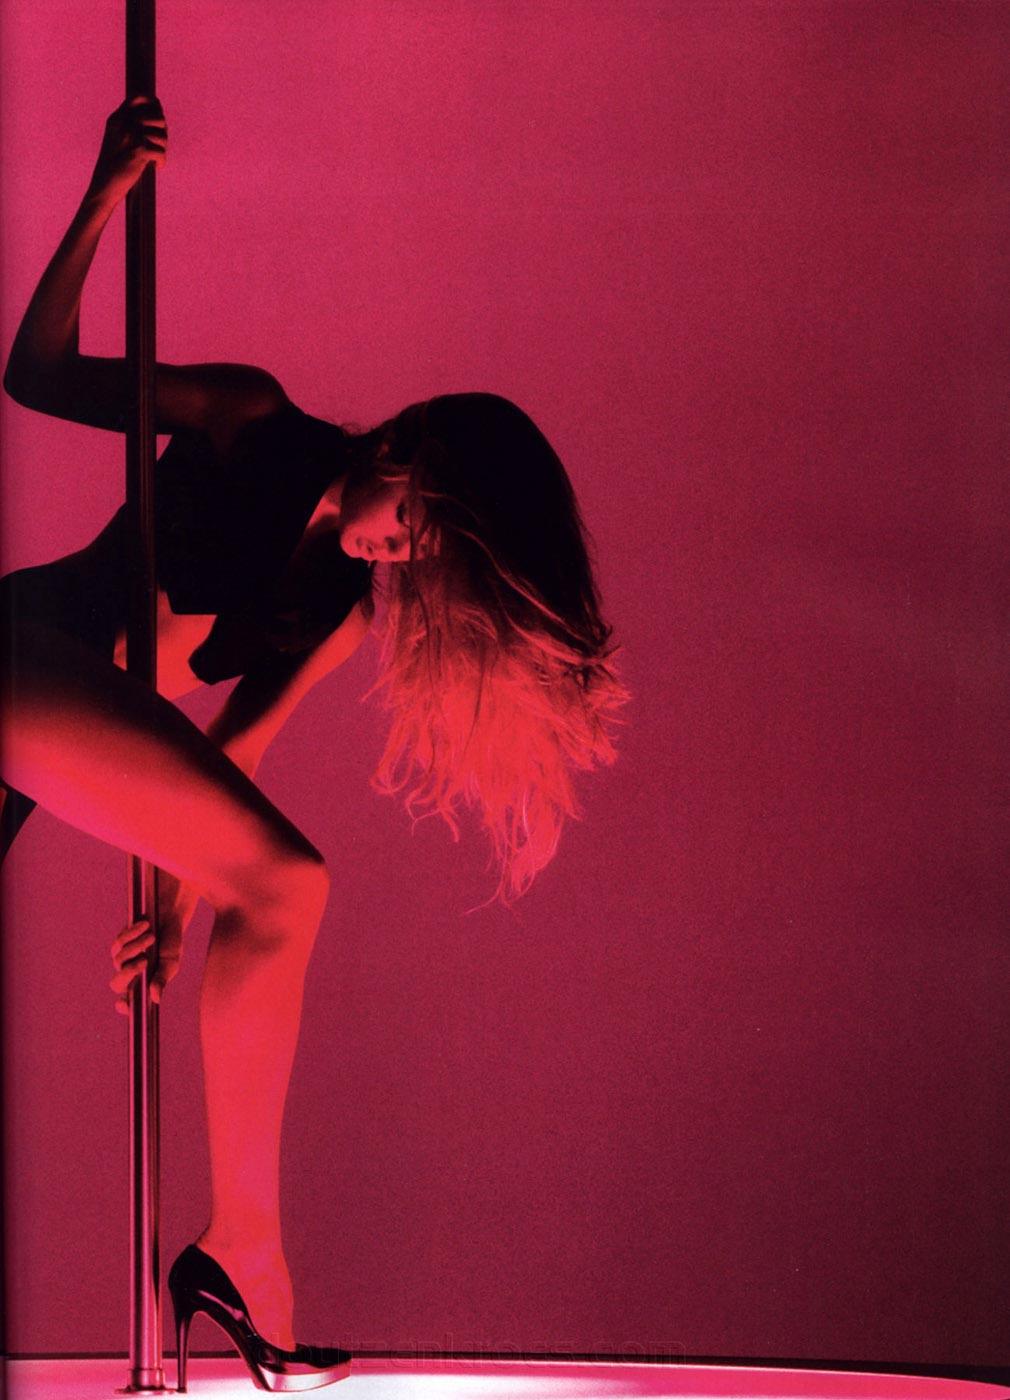 Фото как танцуют стрептис